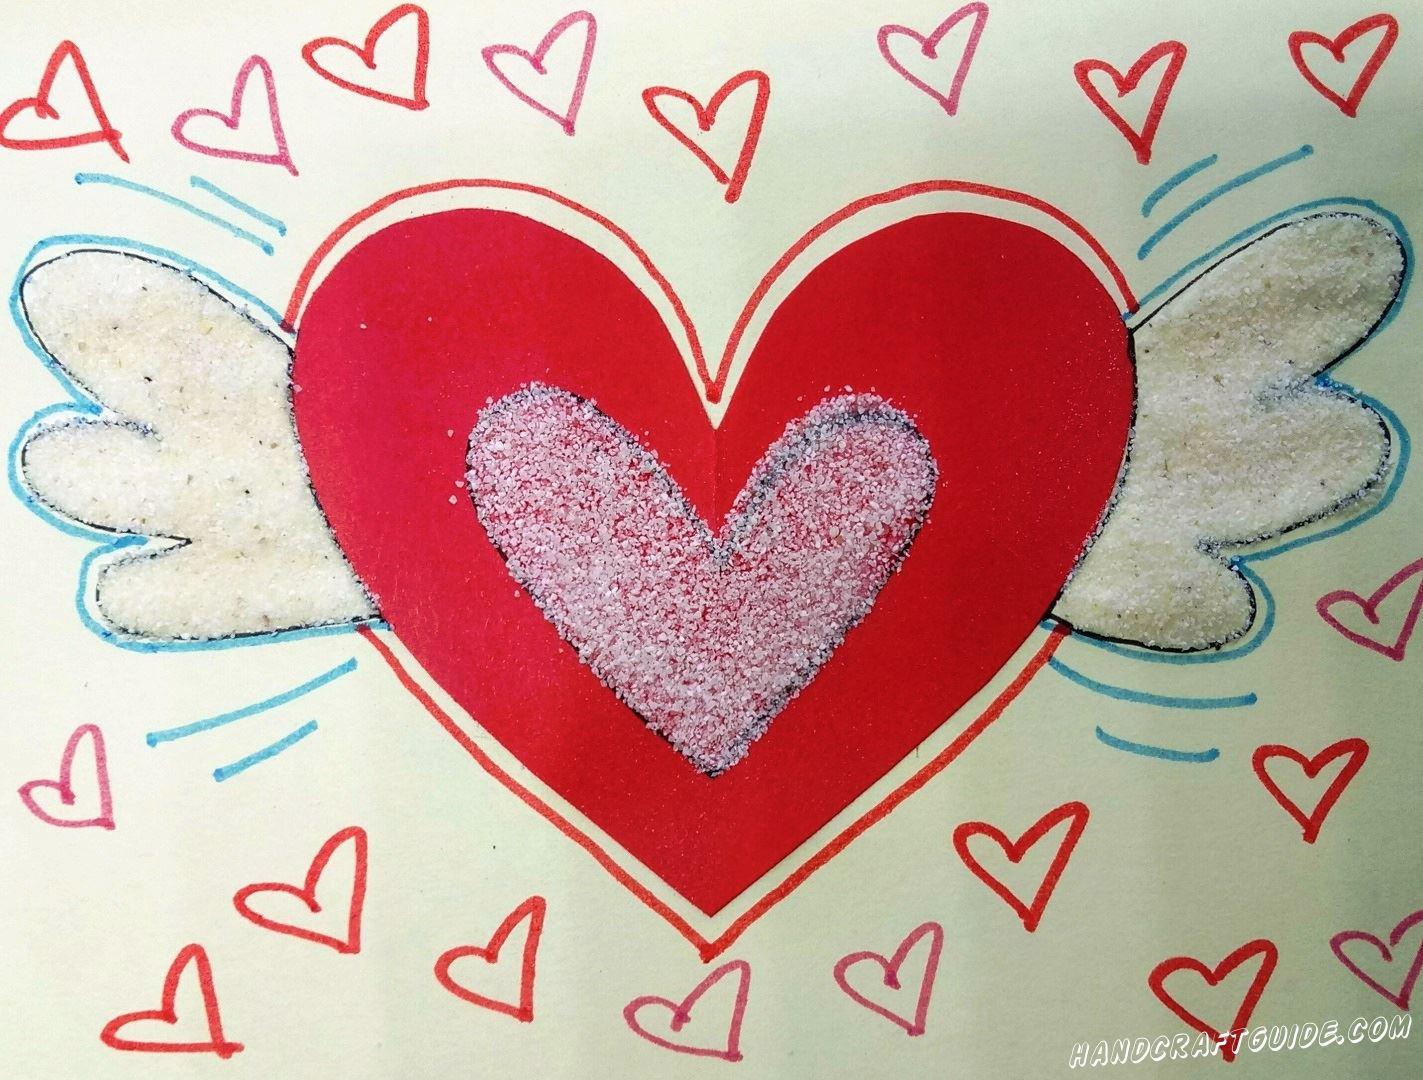 Давайте дарить любовь нашим близким как можно чаще, с помощью открытки.